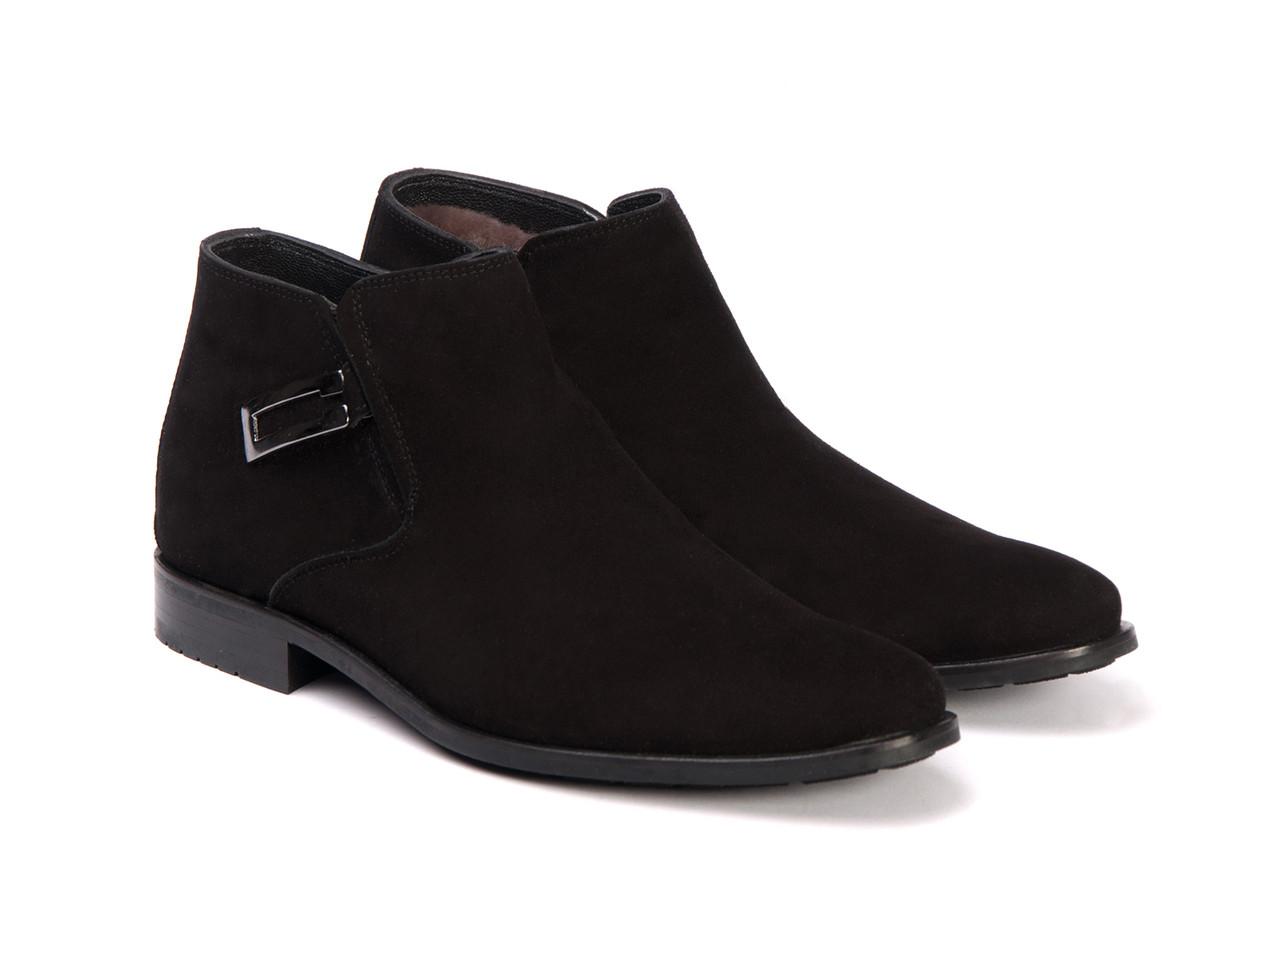 Ботинки Etor 10422-5377 черные